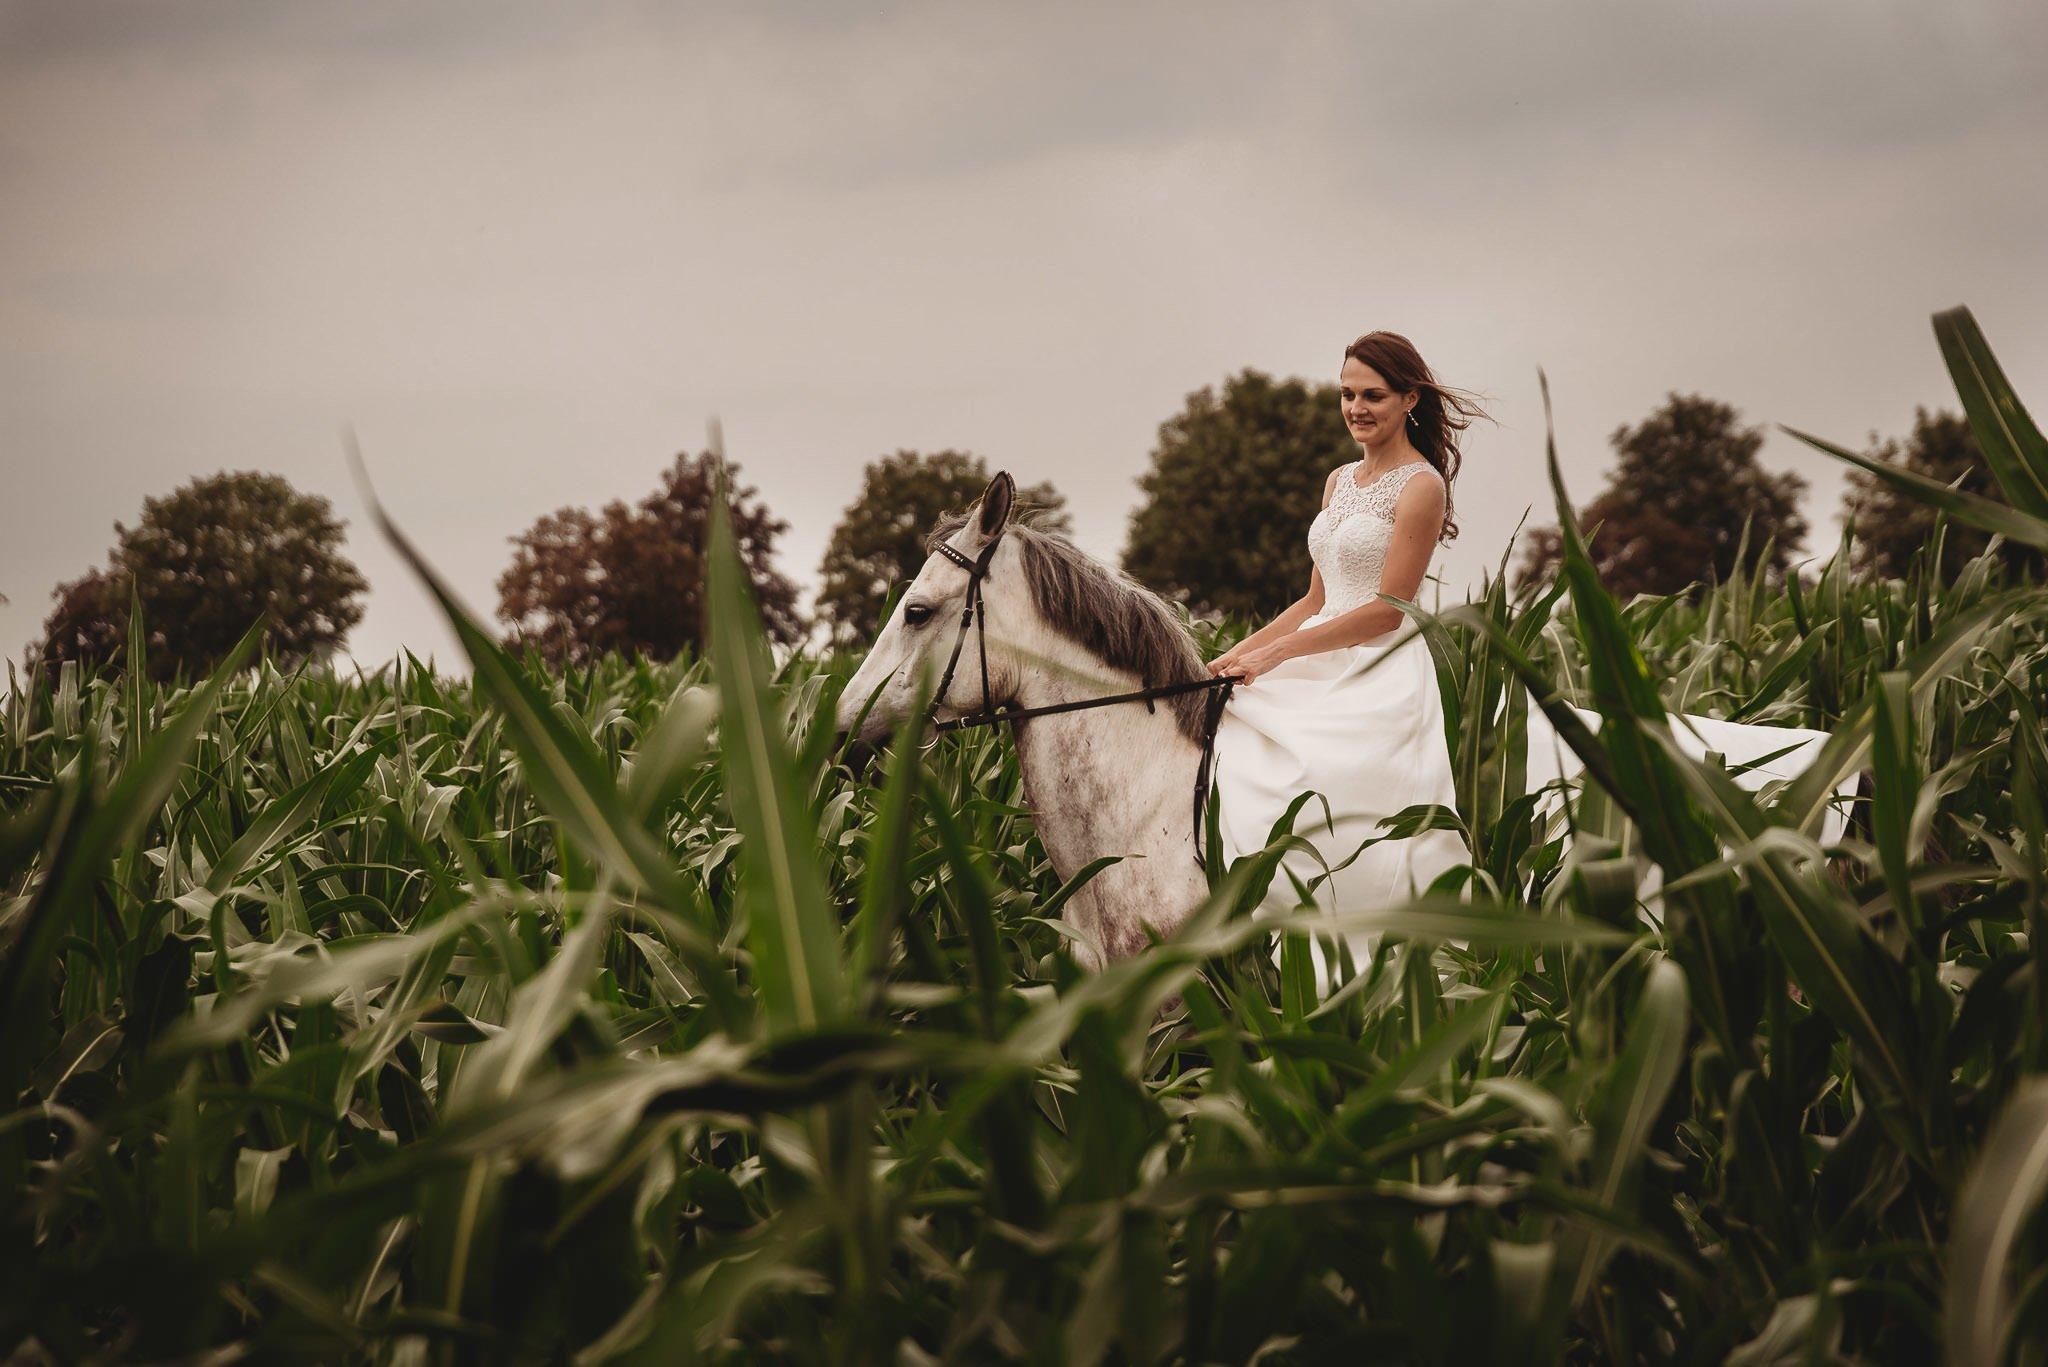 Monika i Michał, wesele w Paryżu i sesja plenerowa w stadninie koni w Czołowie 406